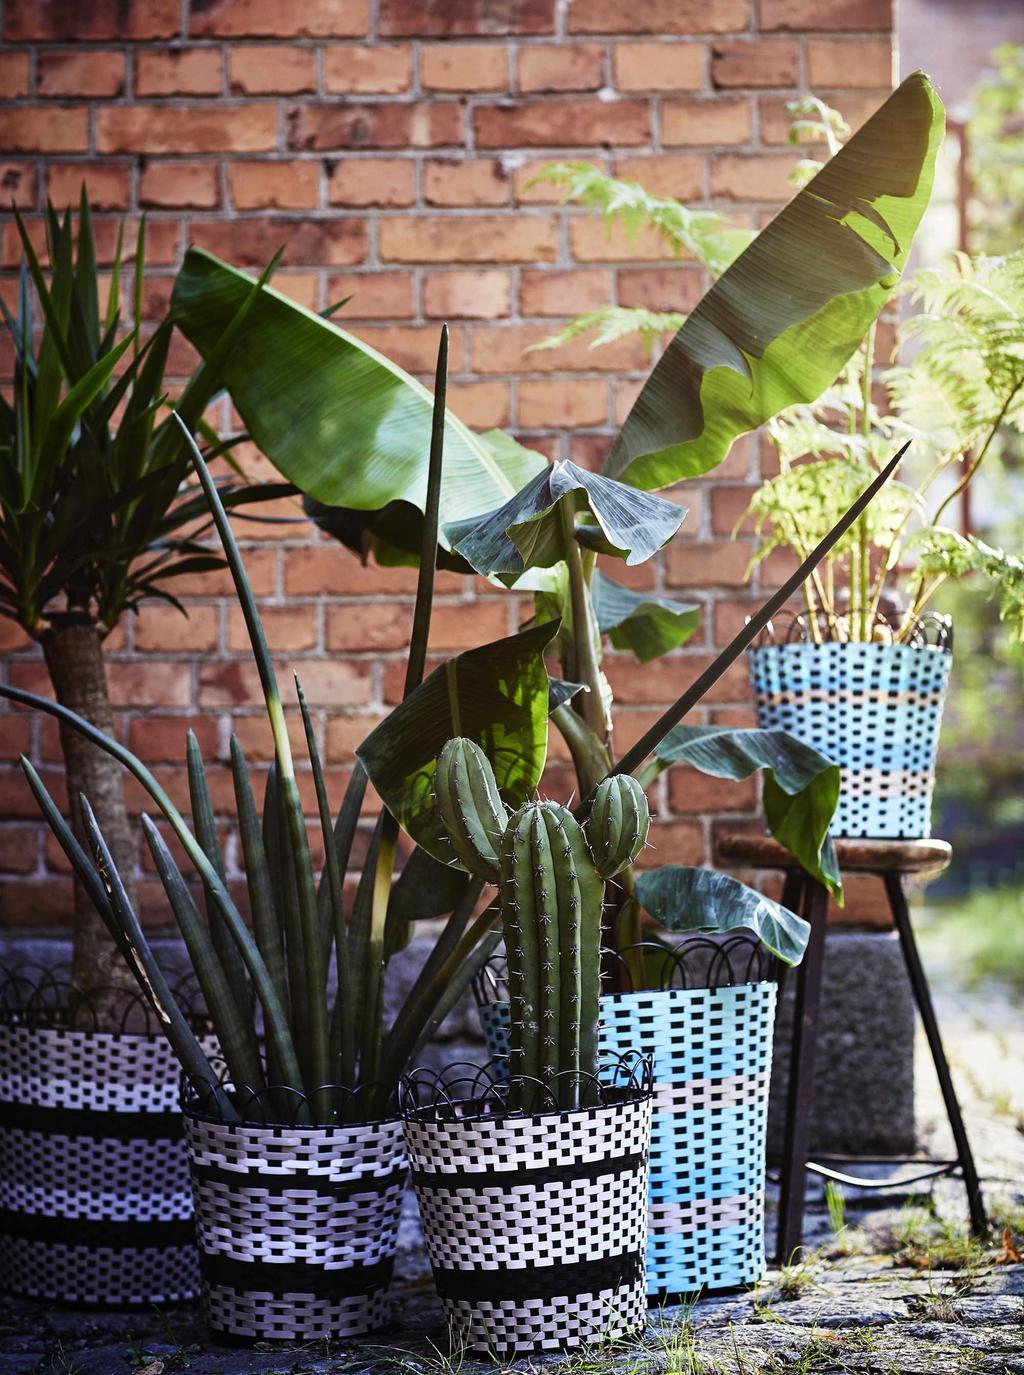 nieuwe zomercollectie IKEA cactussen en planten in kleurrijke bloempotten